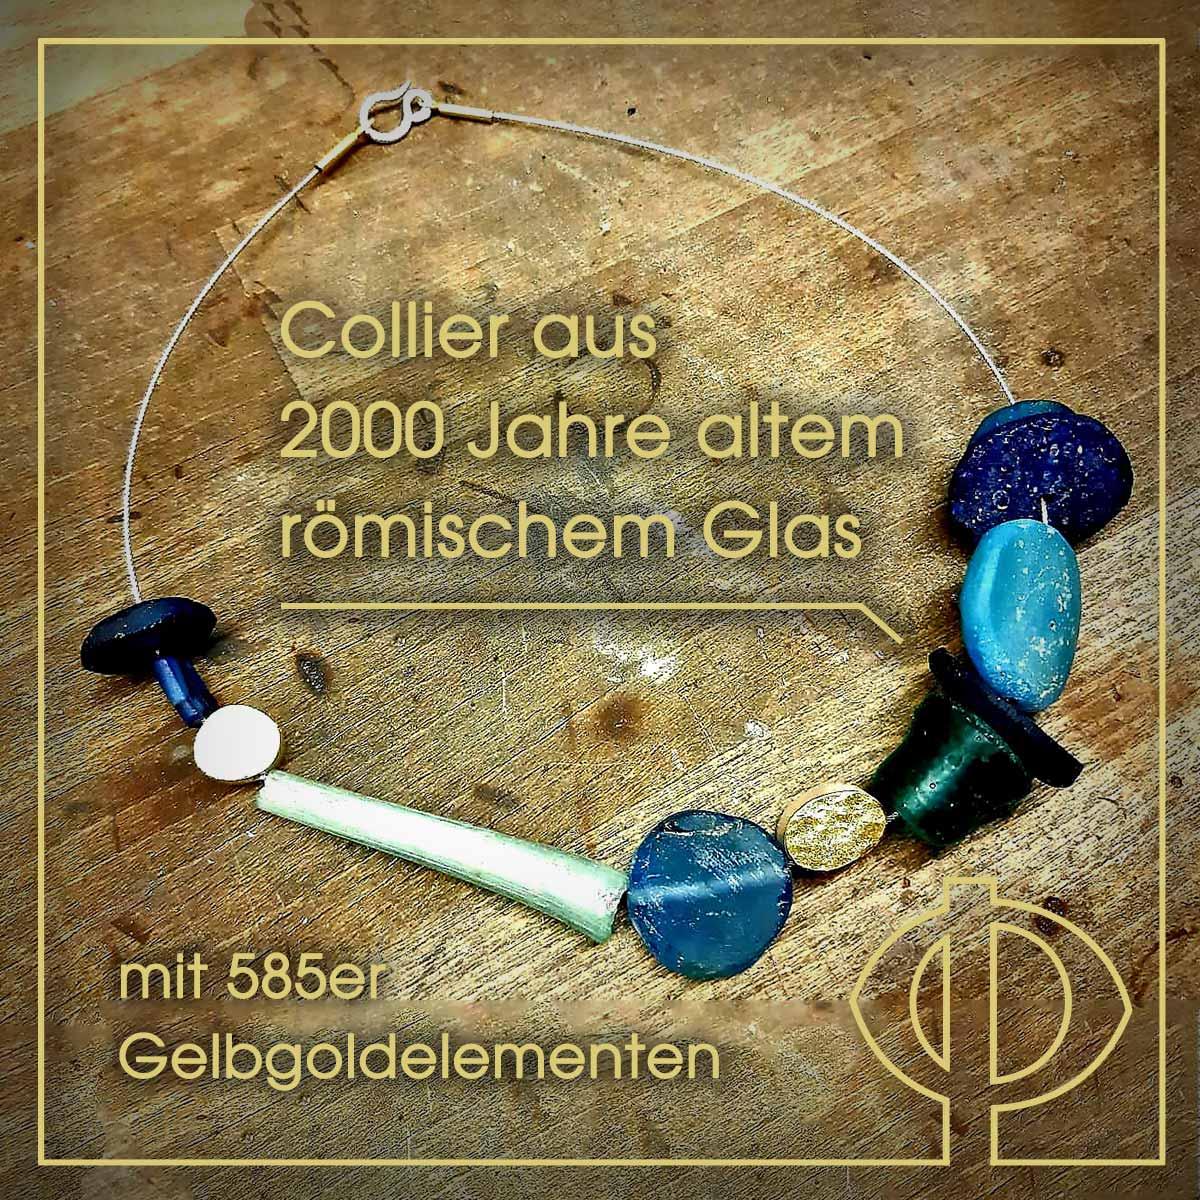 Collier aus 2000 Jahre altem römischem Glas mit 585er Gelbgoldelementen